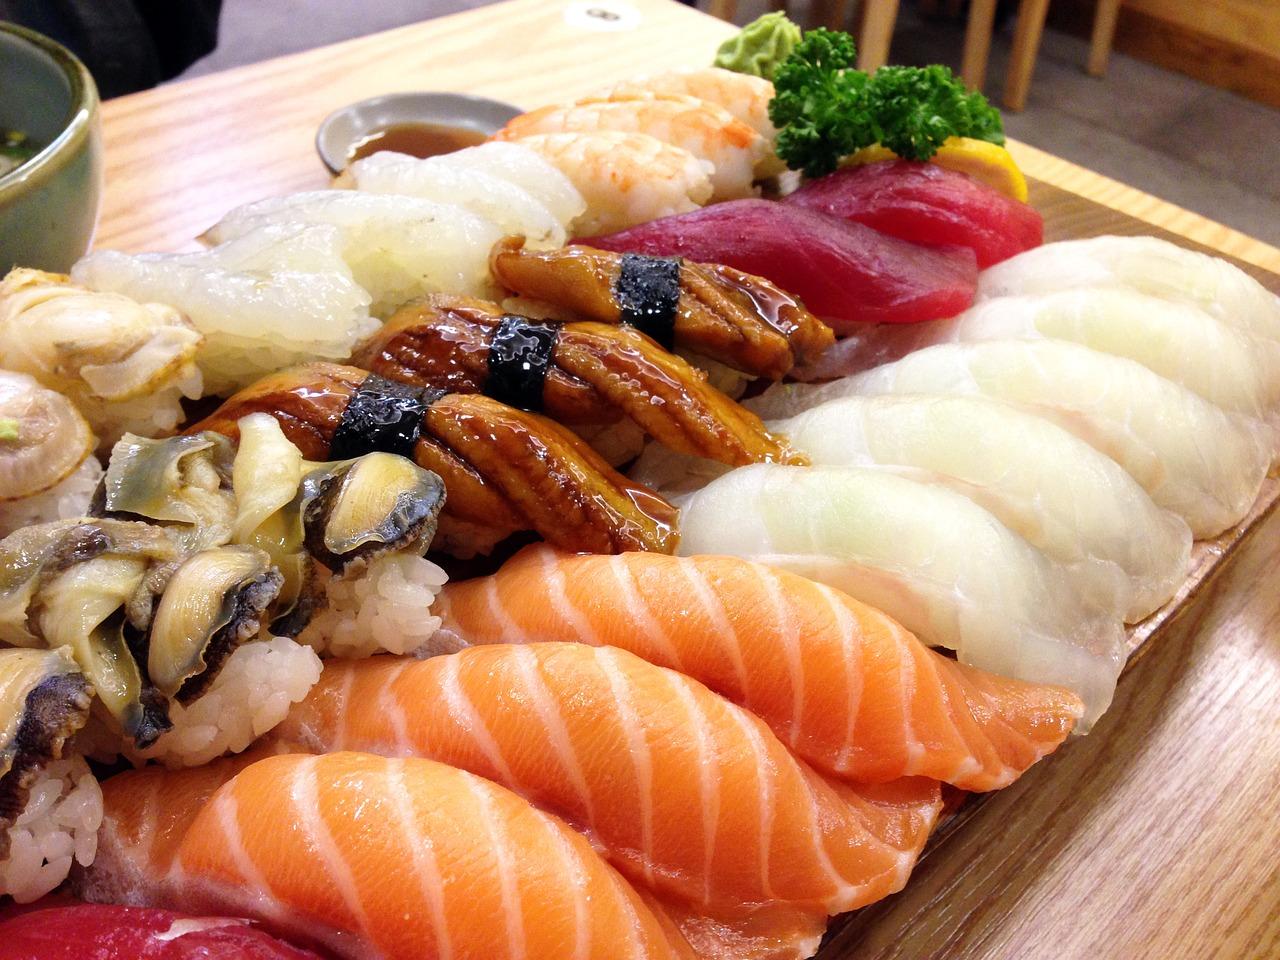 東京にいながら本場の味が楽しめる!北海道から東京に上陸した人気回転寿司3店舗を紹介